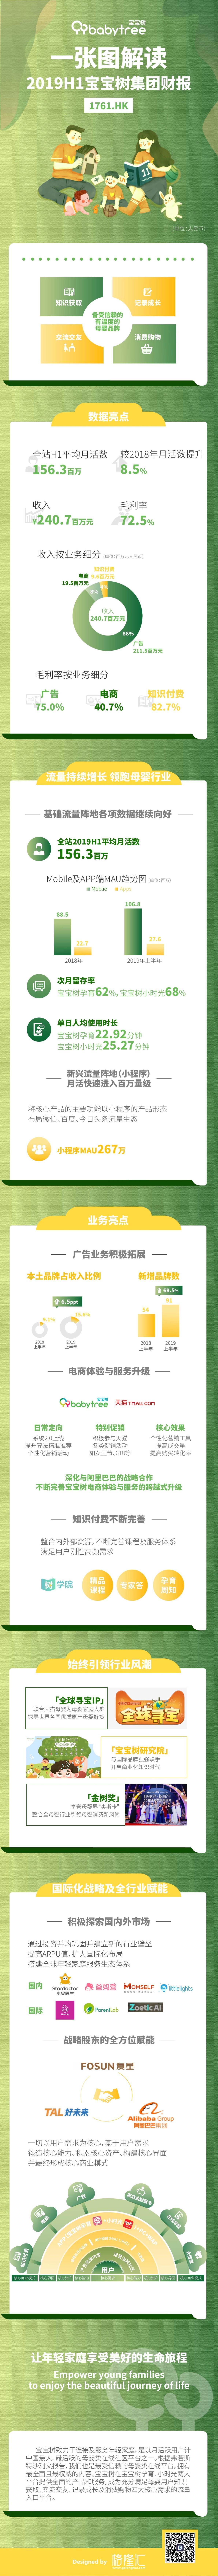 一图解读宝宝树(01761.HK)2019年中期财报